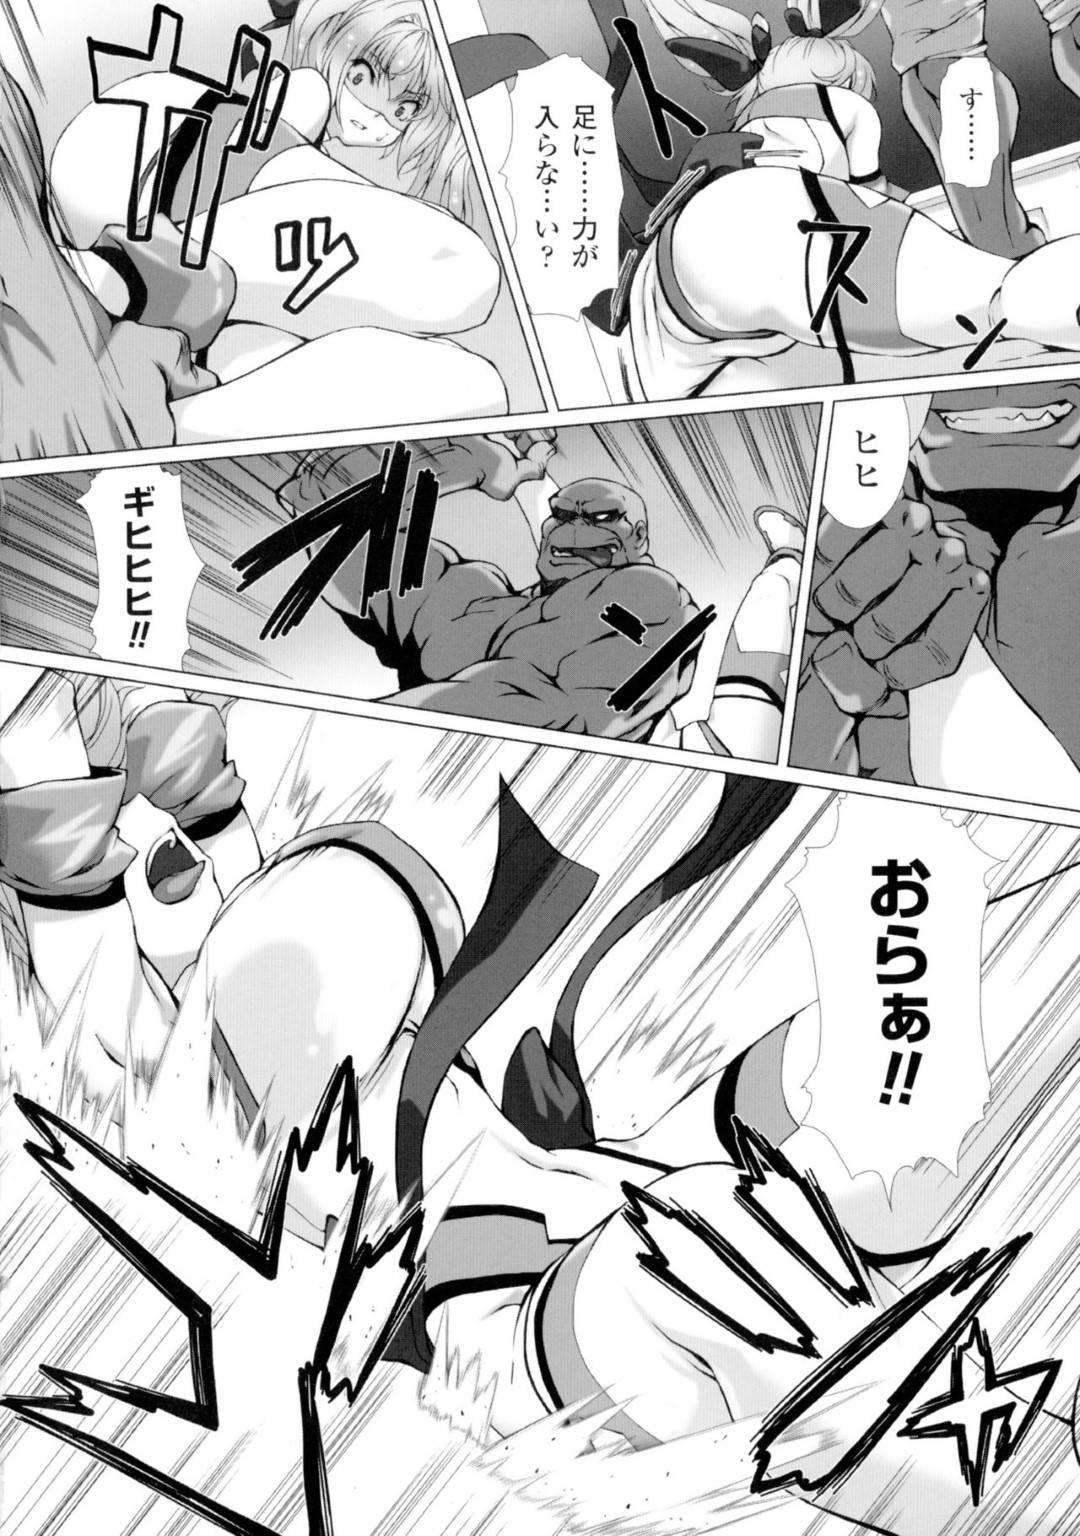 【エロ漫画】複数の戦闘員たちに捕まってしまい性奴隷にされていた巨乳ヒロイン…アナルに何か入れられた後開放されいつも通りの日常に戻っていた!新たな敵と戦闘中に力量の差を見せられ媚薬を体内に仕込まれてしまう!【高浜太郎:変幻装姫シャインミラージュ】